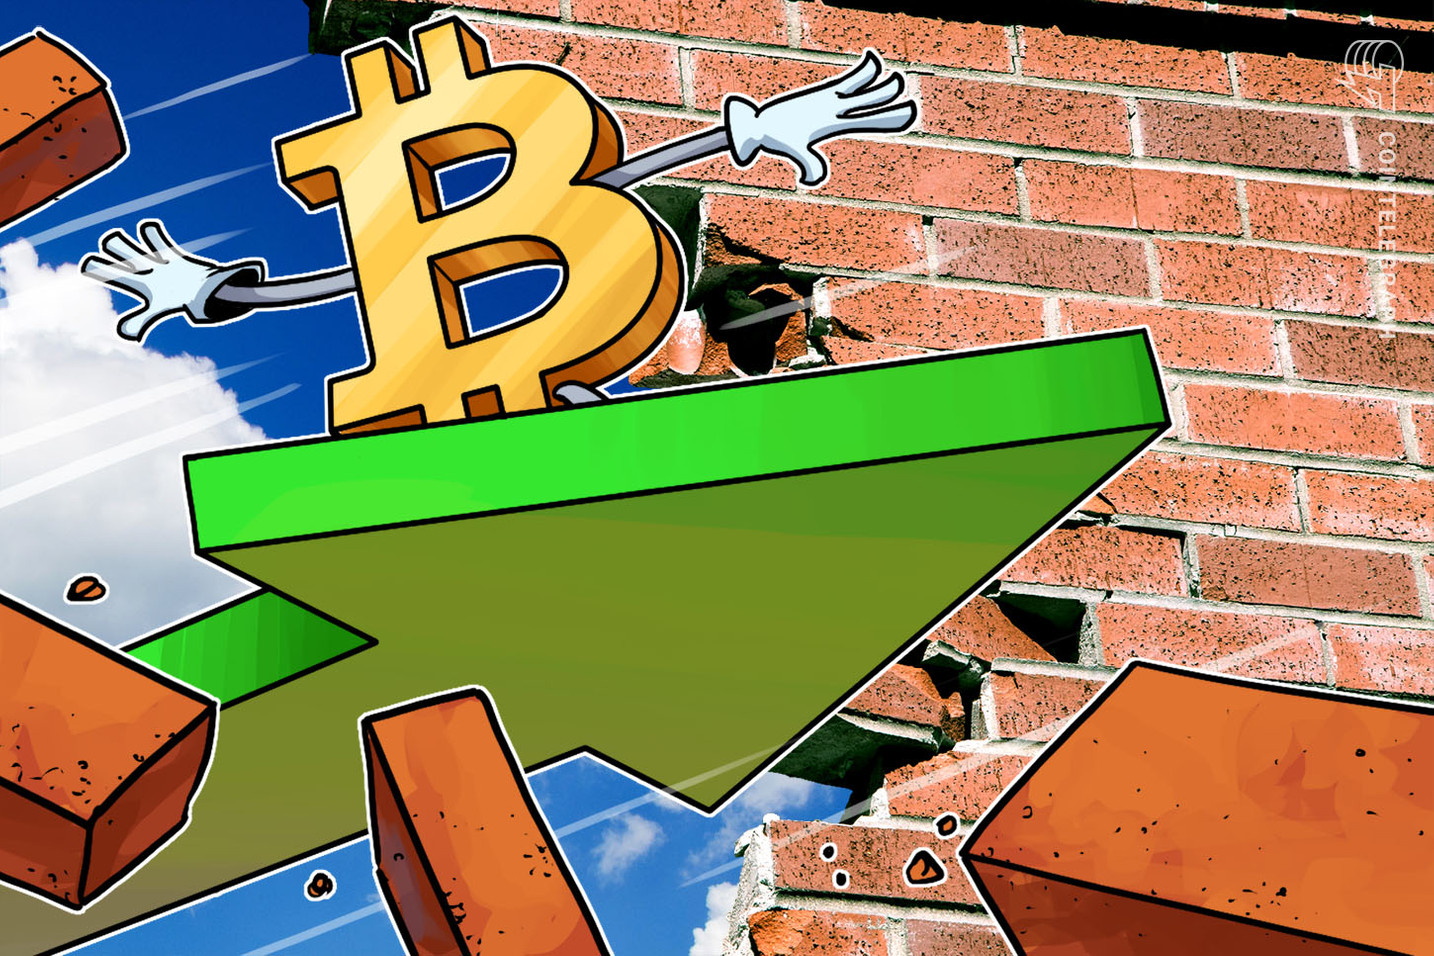 仮想通貨ビットコイン、長期下降トレンド崩す 2万ドル回復はあるか?